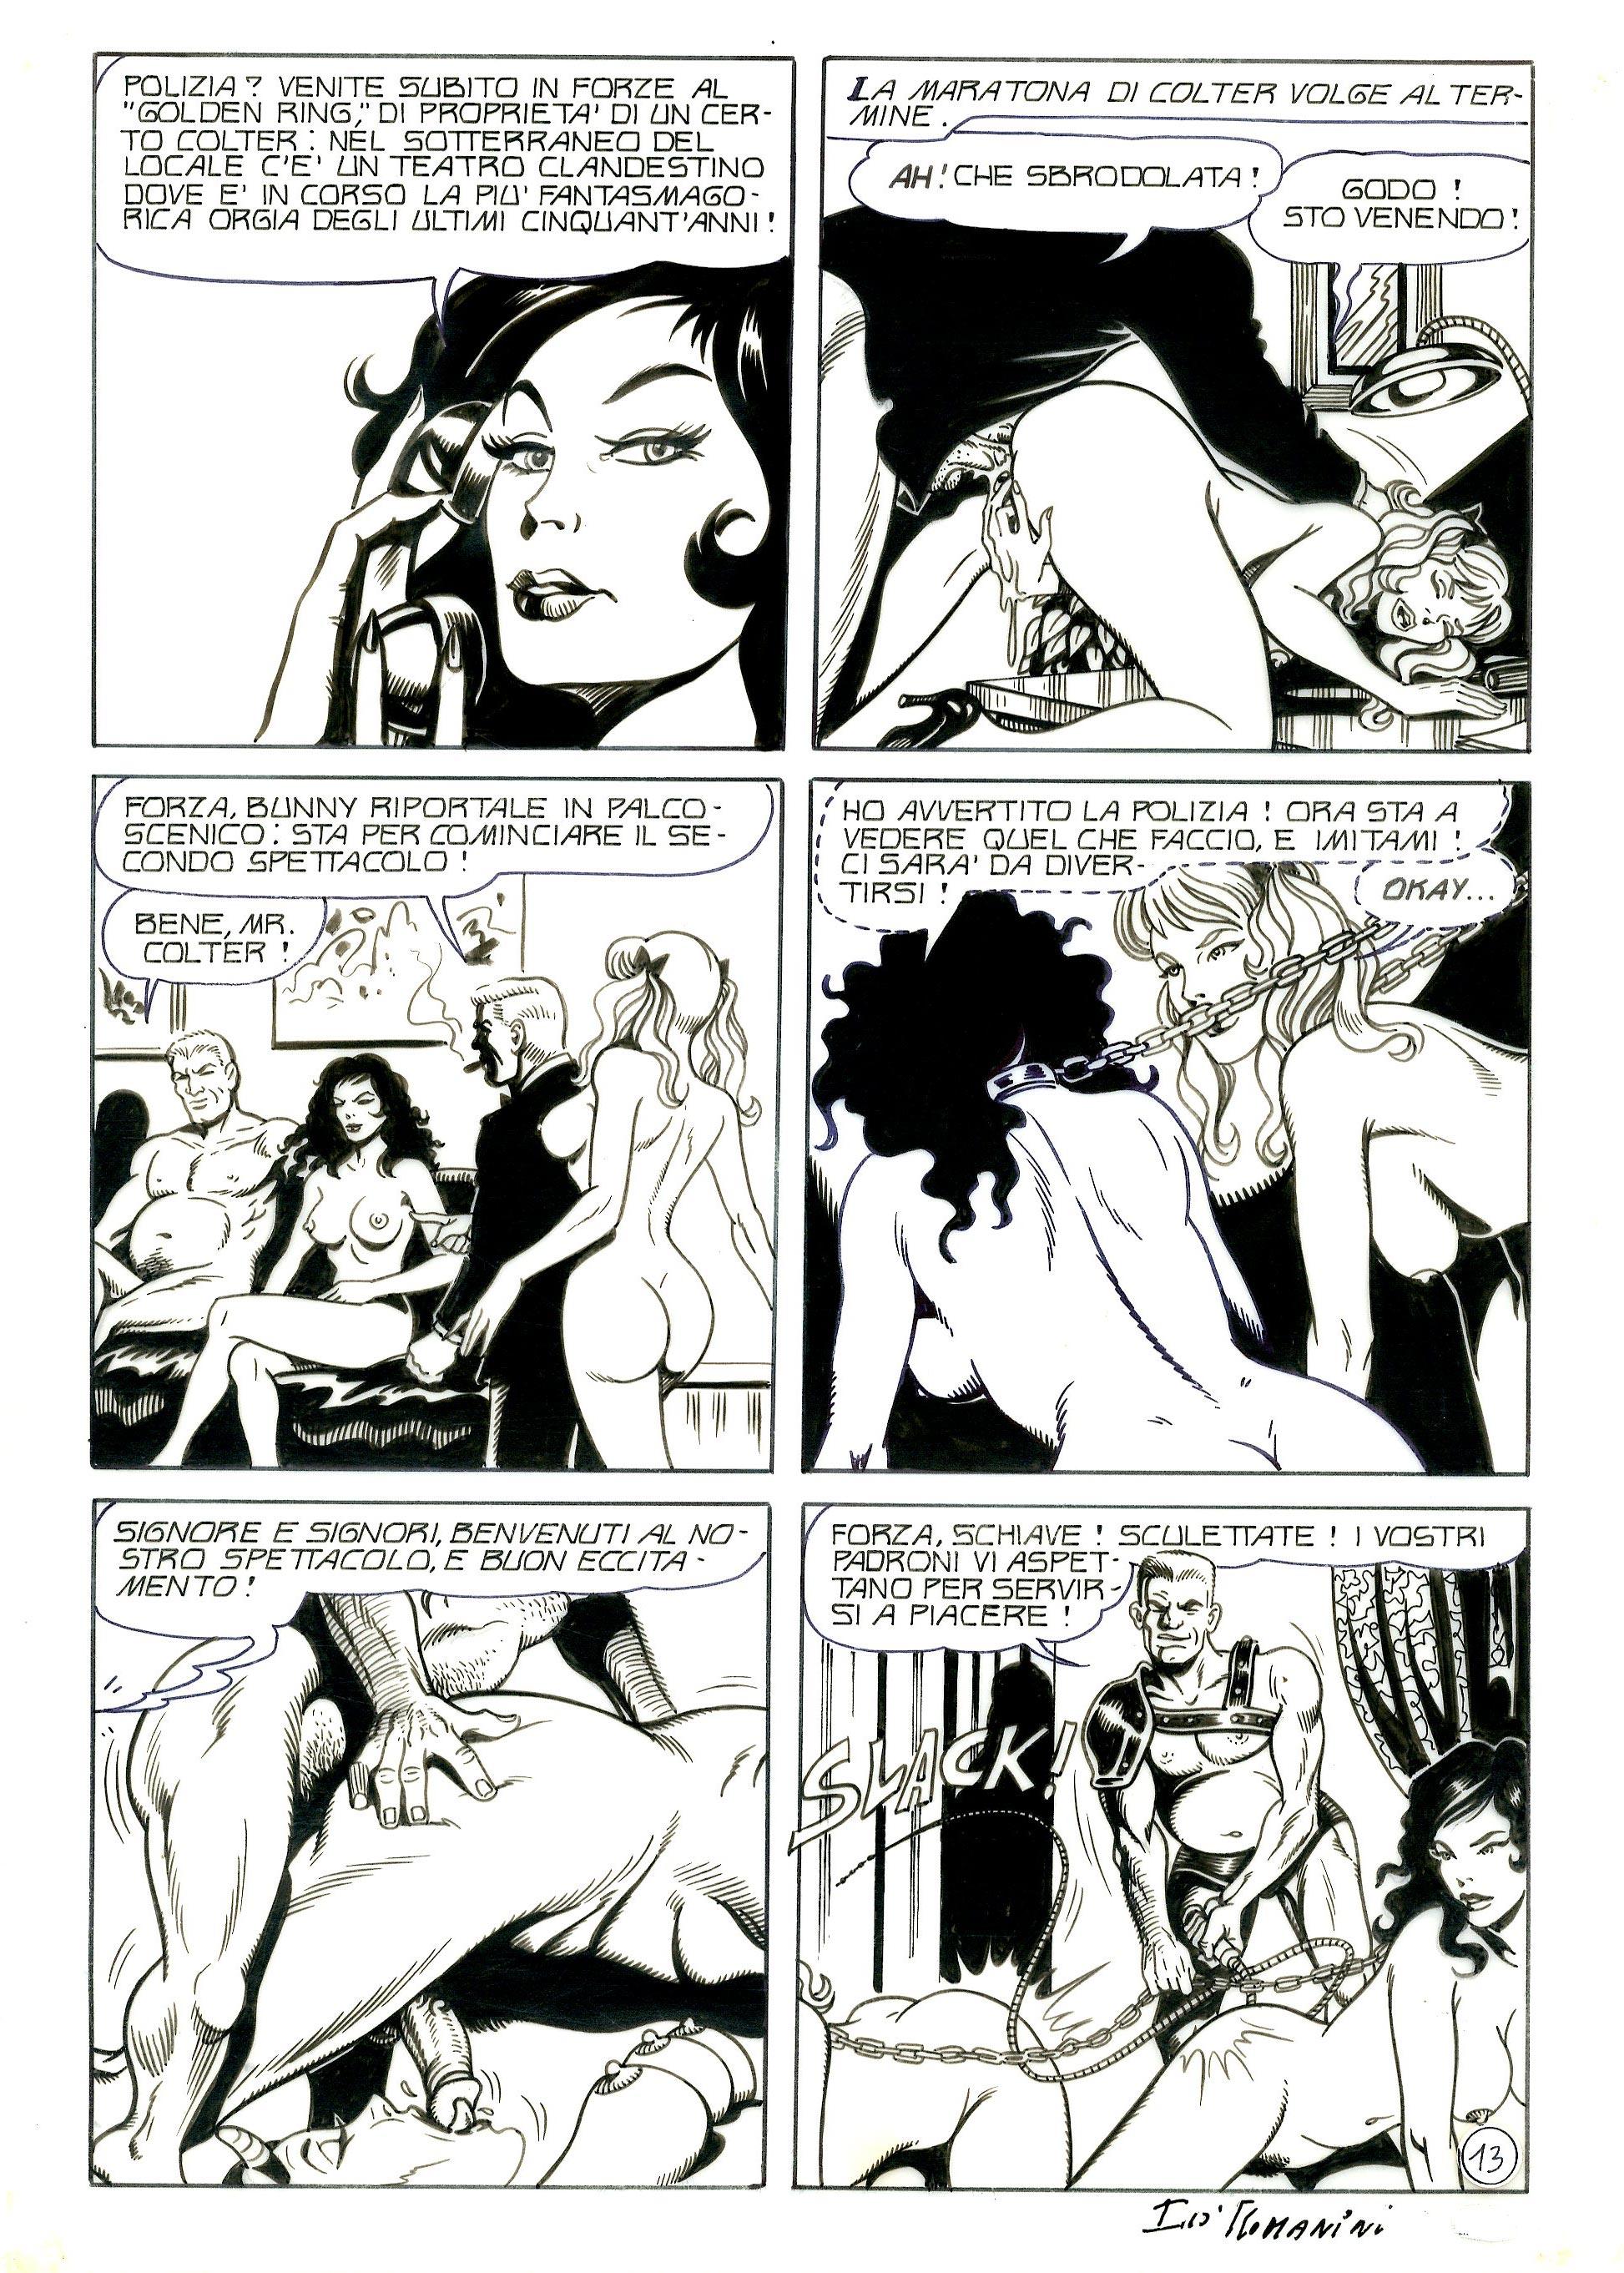 Archie fumetti porno